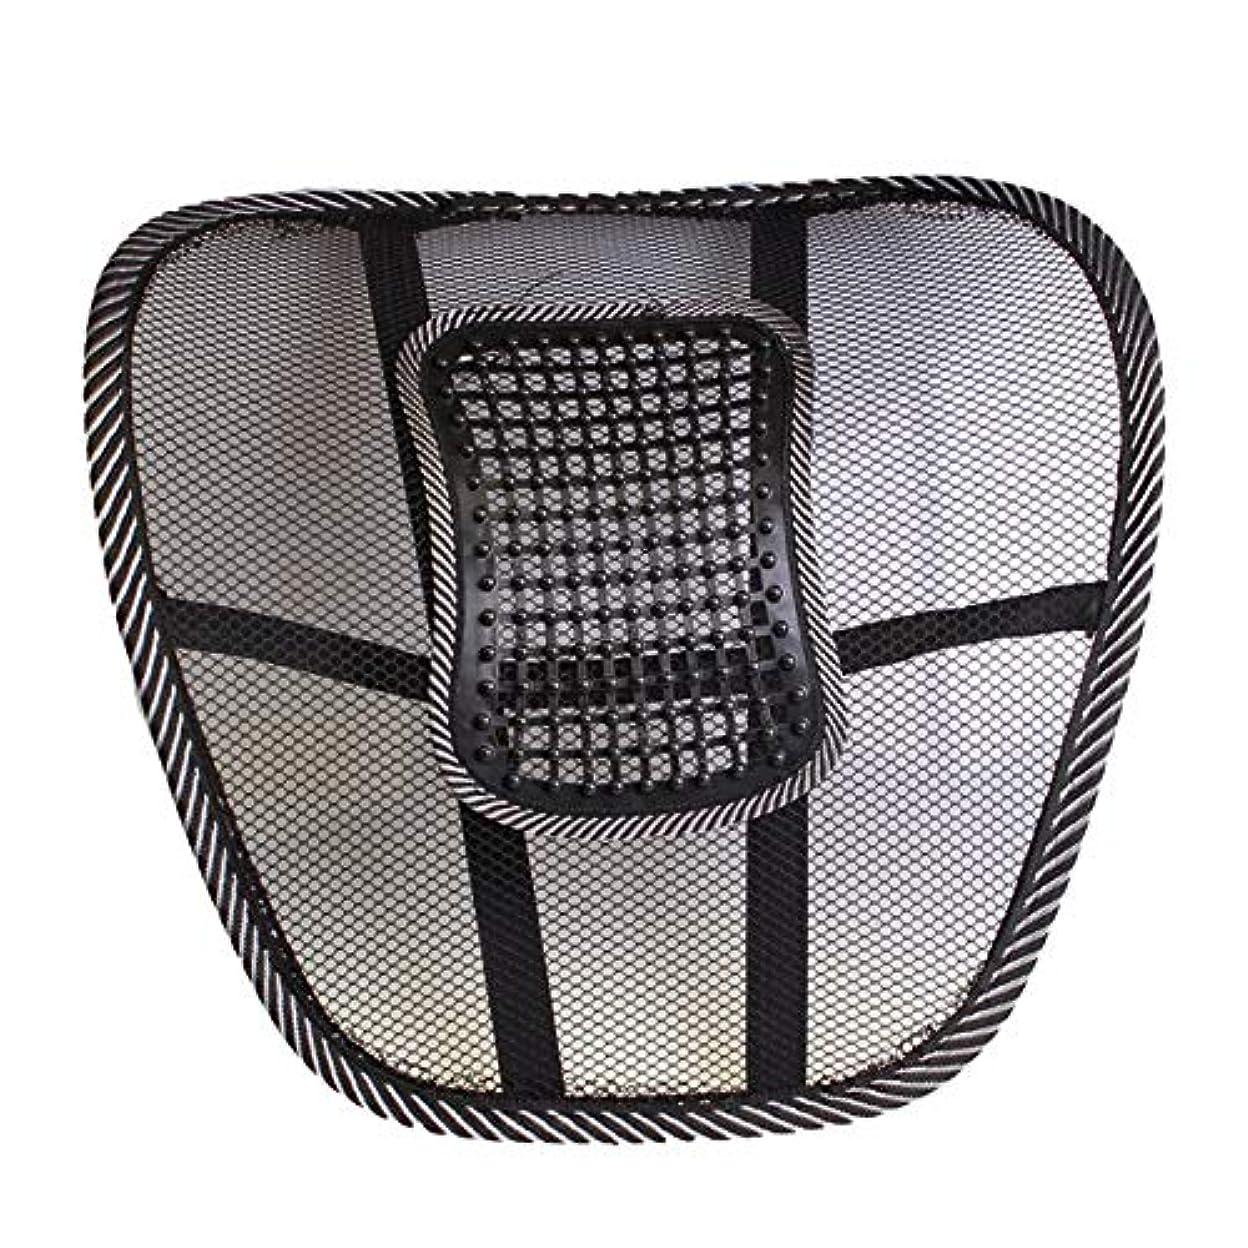 日光無人水っぽいメッシュカバー付き腰椎サポートクッション腰痛緩和のためのバランスのとれた硬さ - 理想的なバックピロー